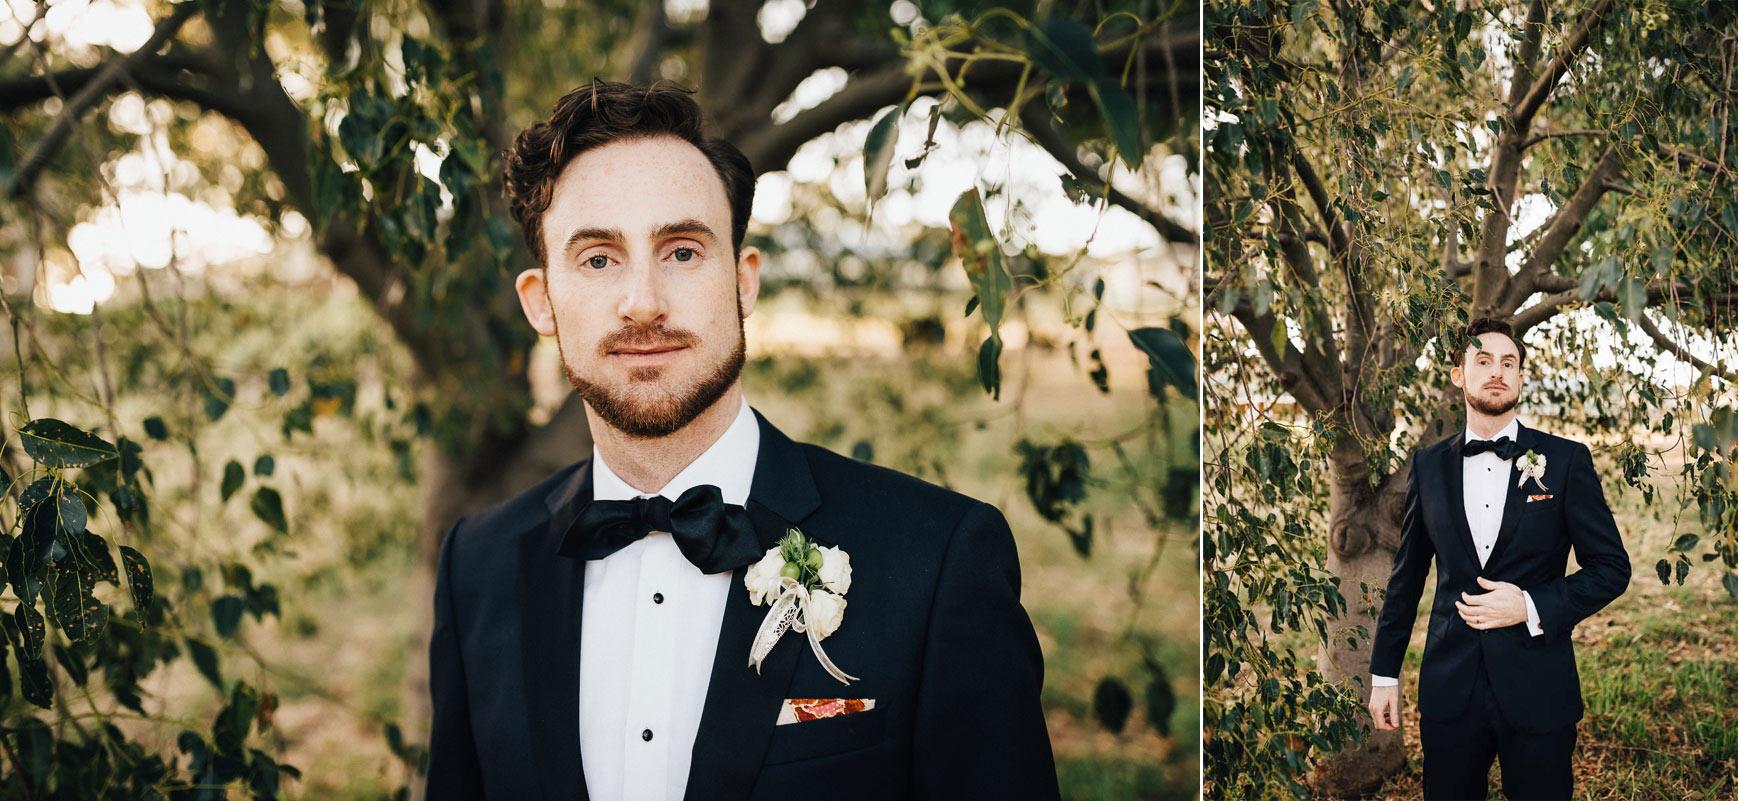 amazing-uwa-wedding-photos11.jpg